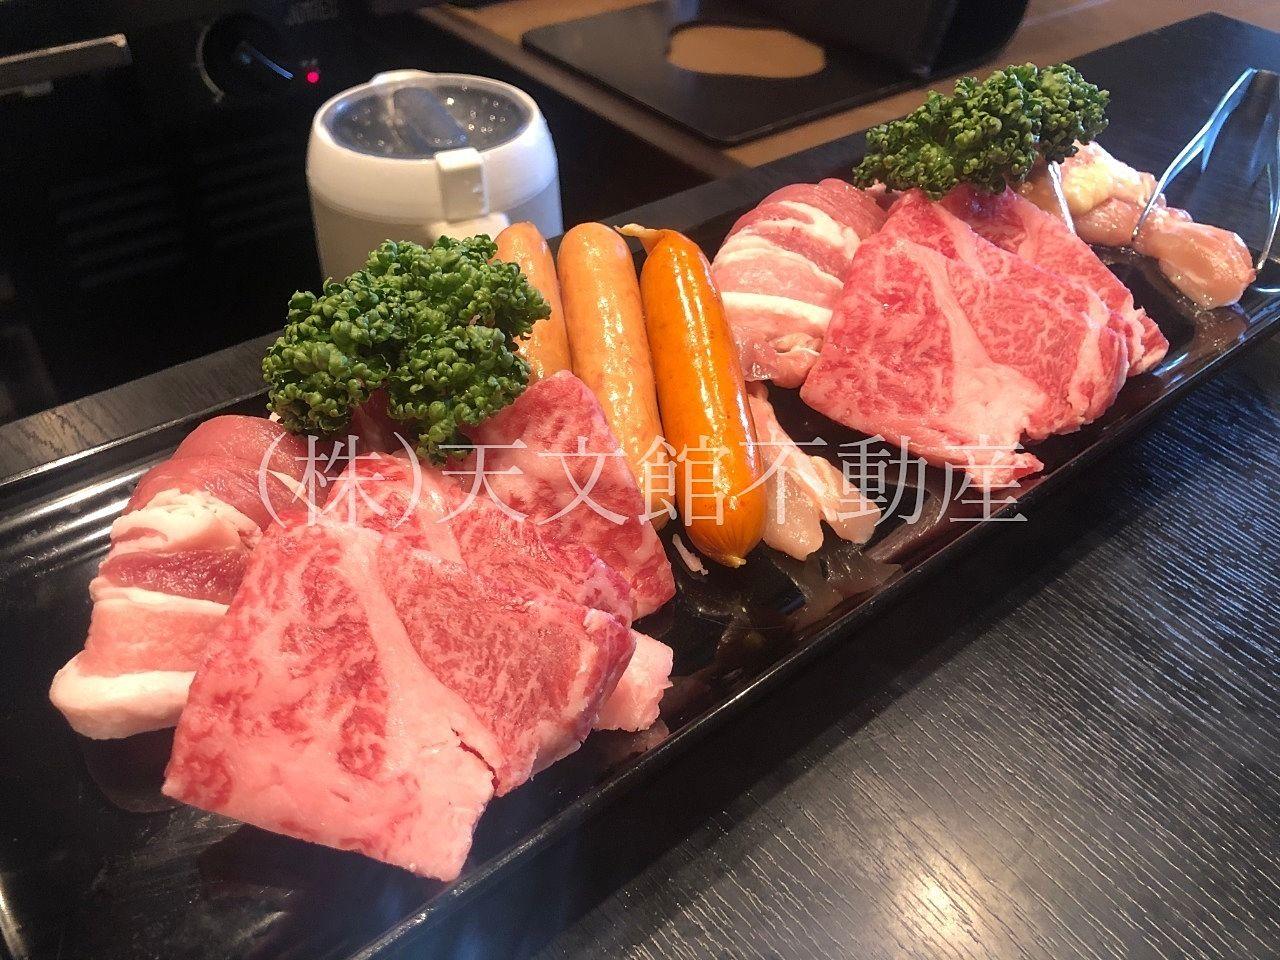 鹿児島県肝属郡肝付町前田「生肉専門店 新村畜産」焼肉好きの方にはおすすめです。